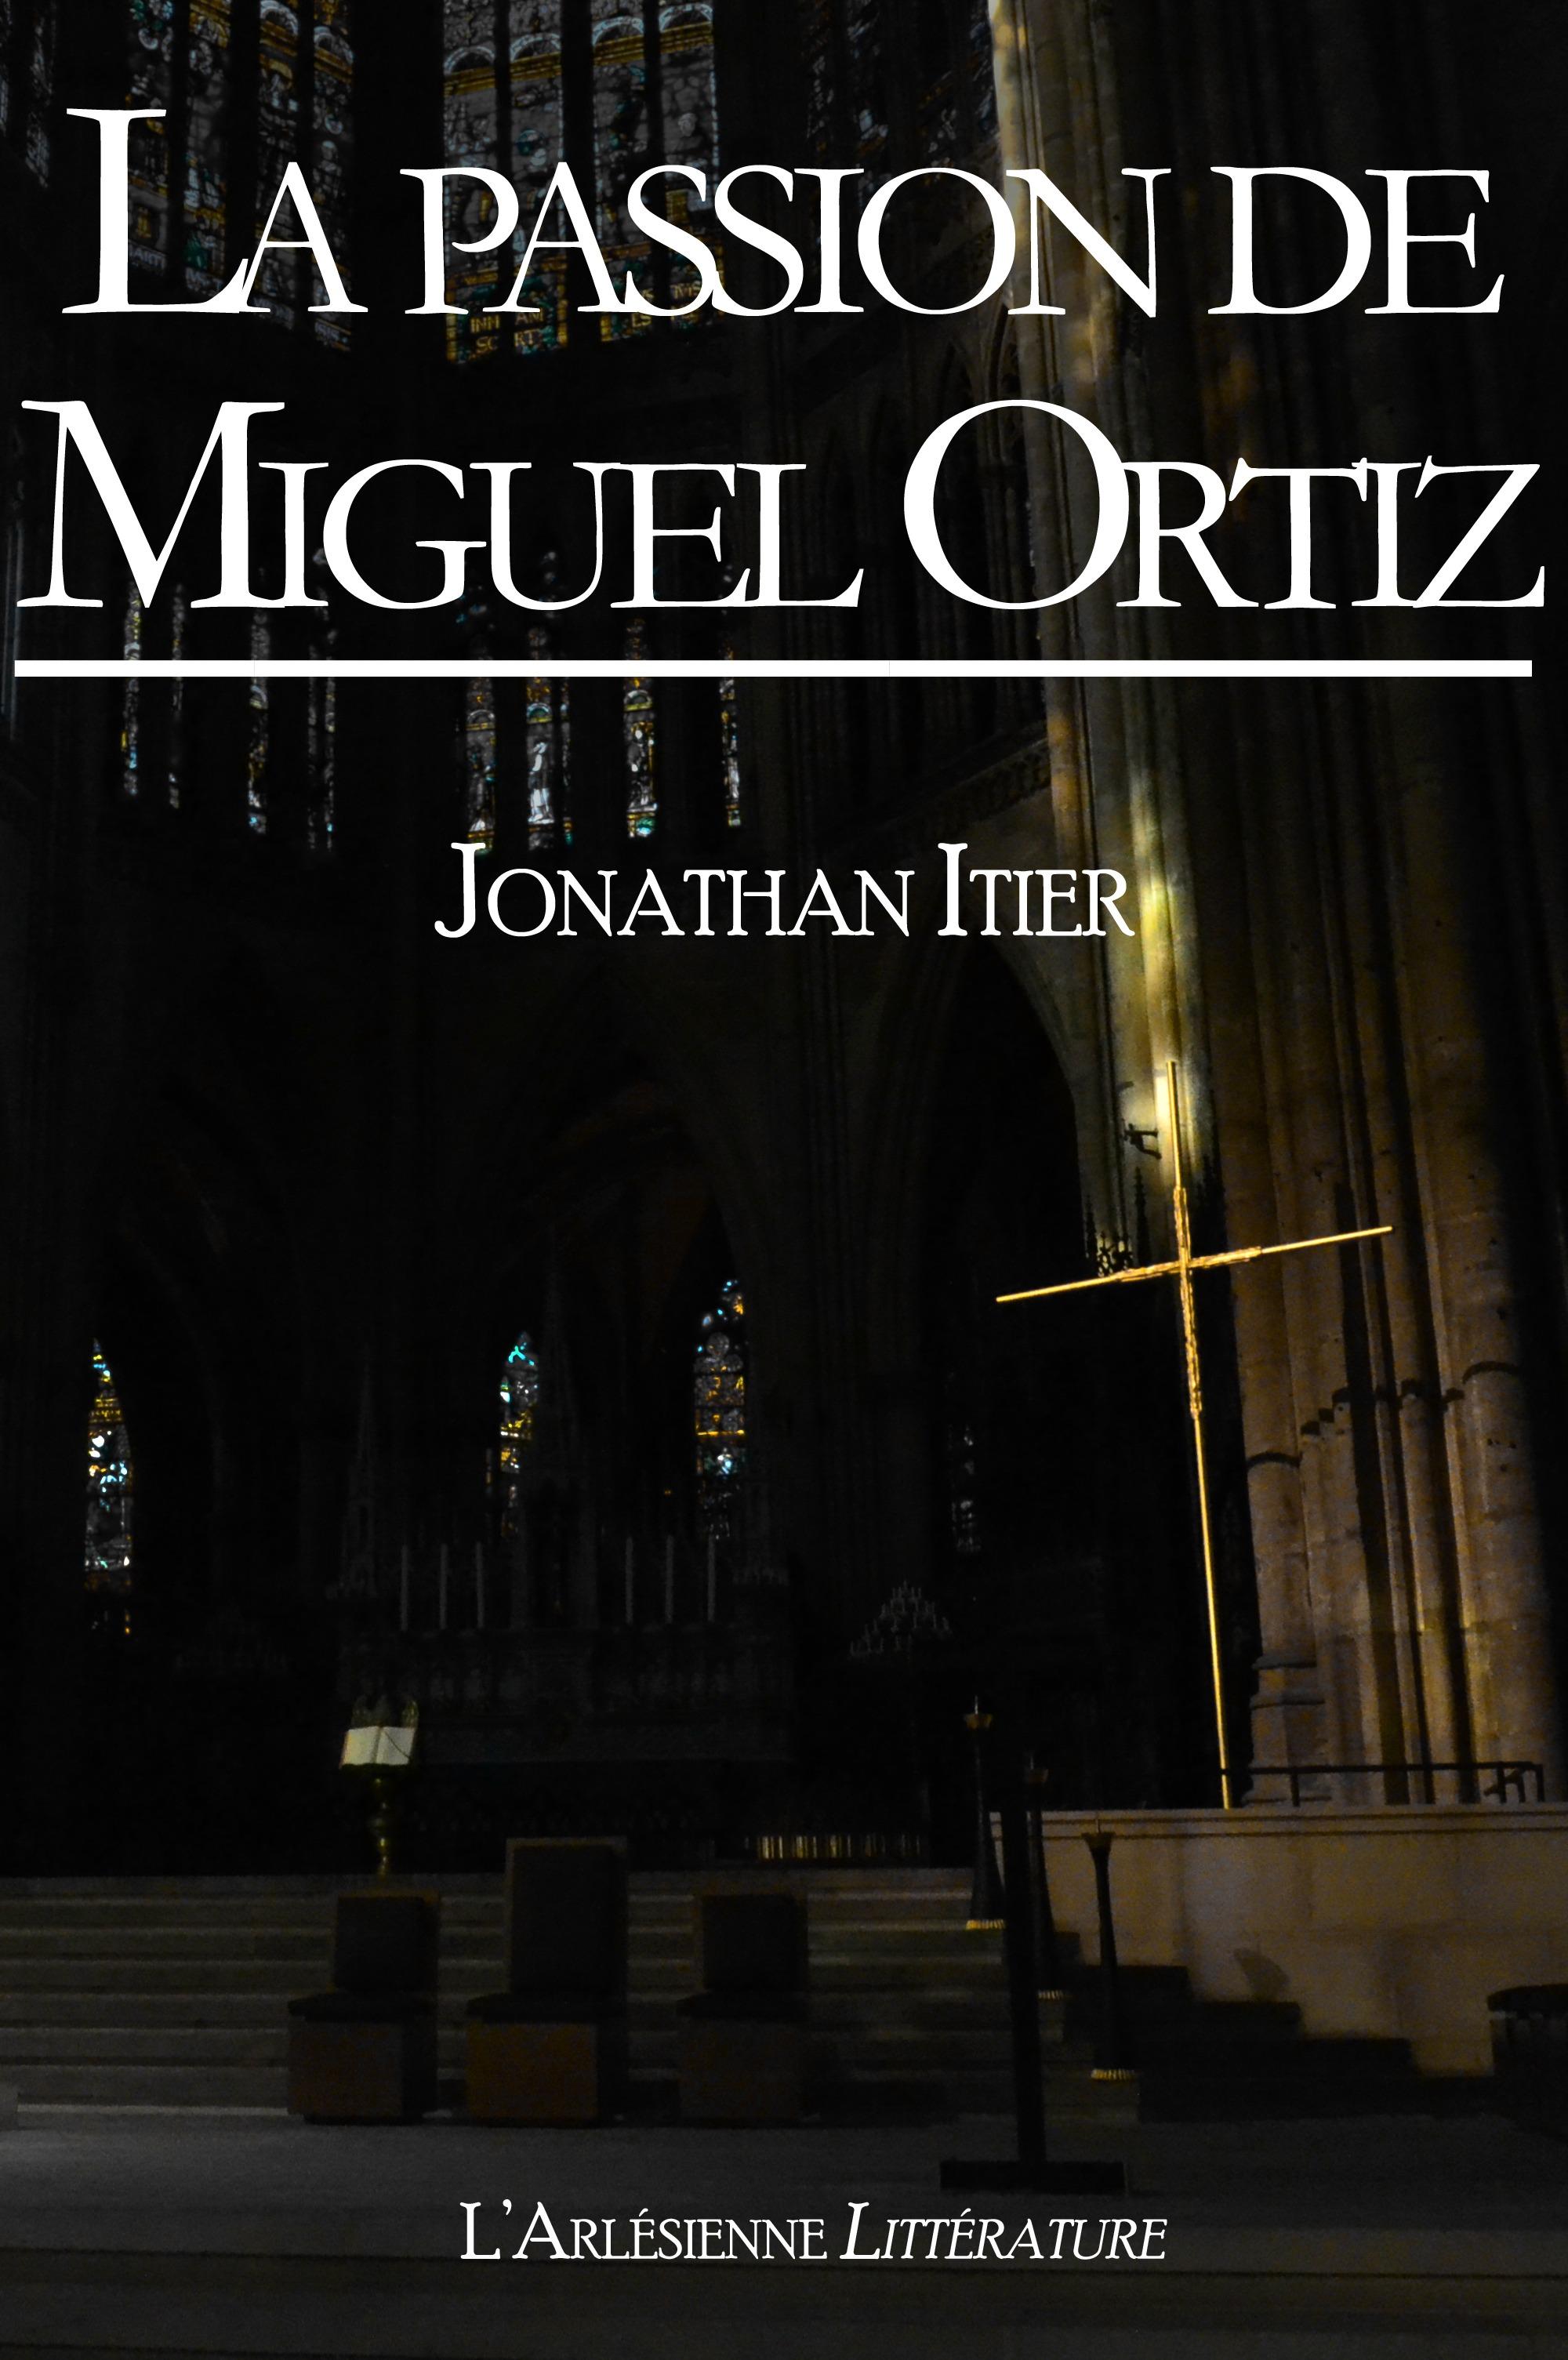 La passion de Miguel Ortiz, PAR L'AUTEUR DU BEST-SELLER